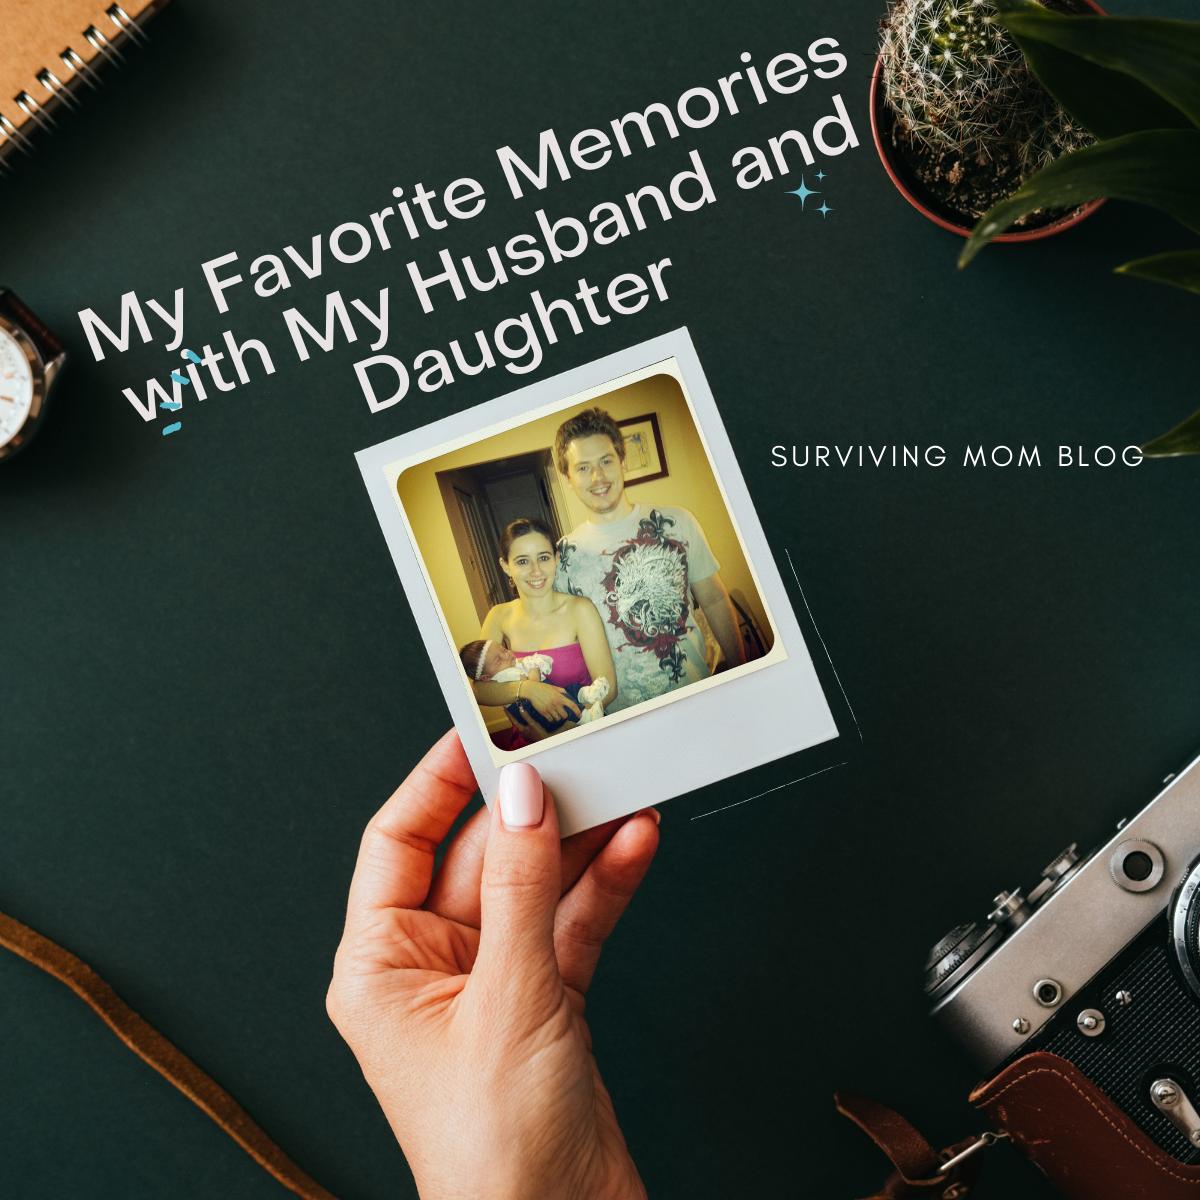 favorite memories of my husband and daughter